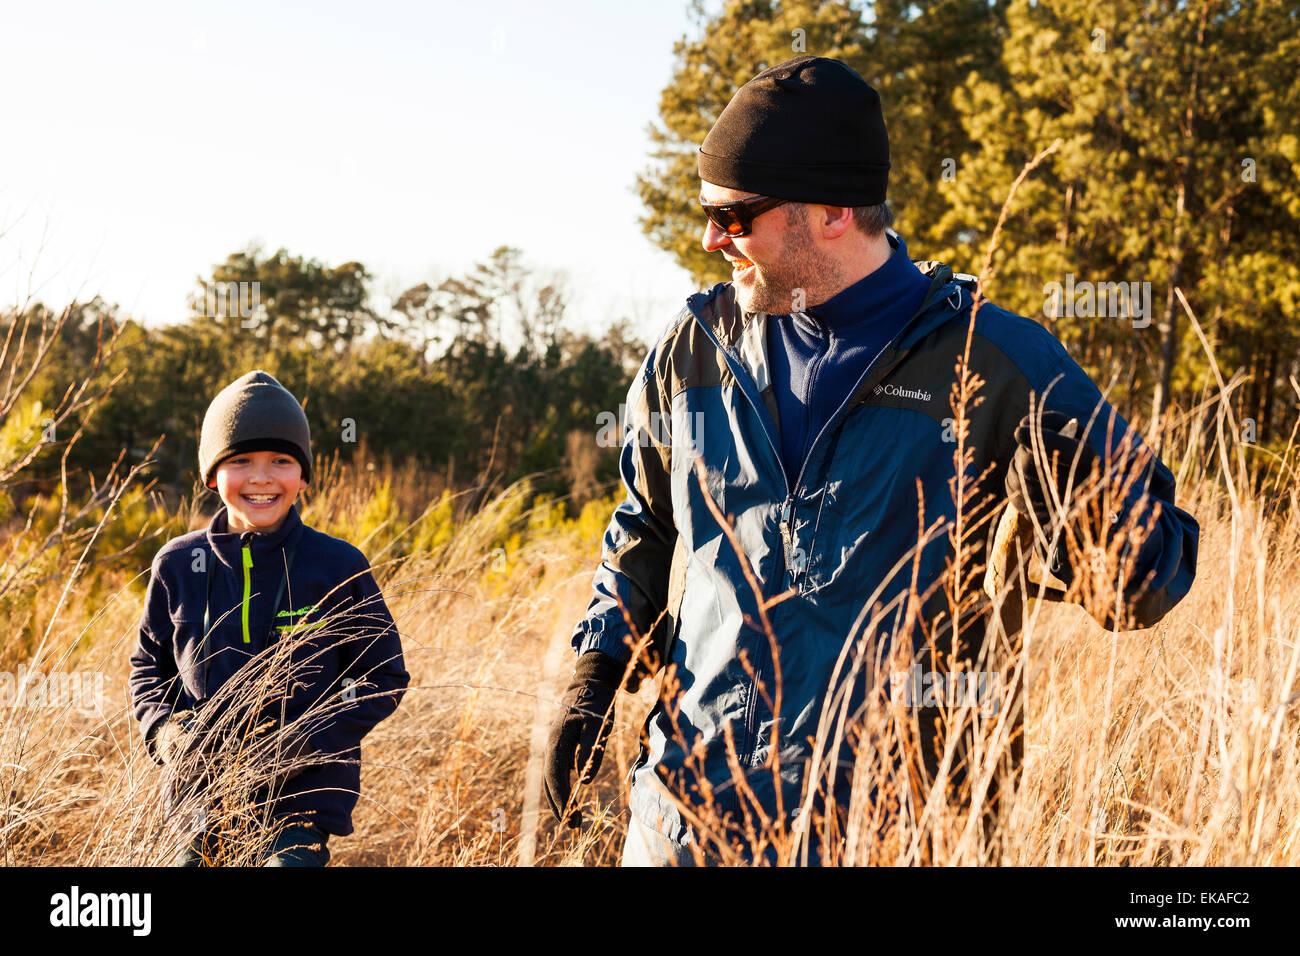 Le père et le fils dans la zone de randonnée Photo Stock